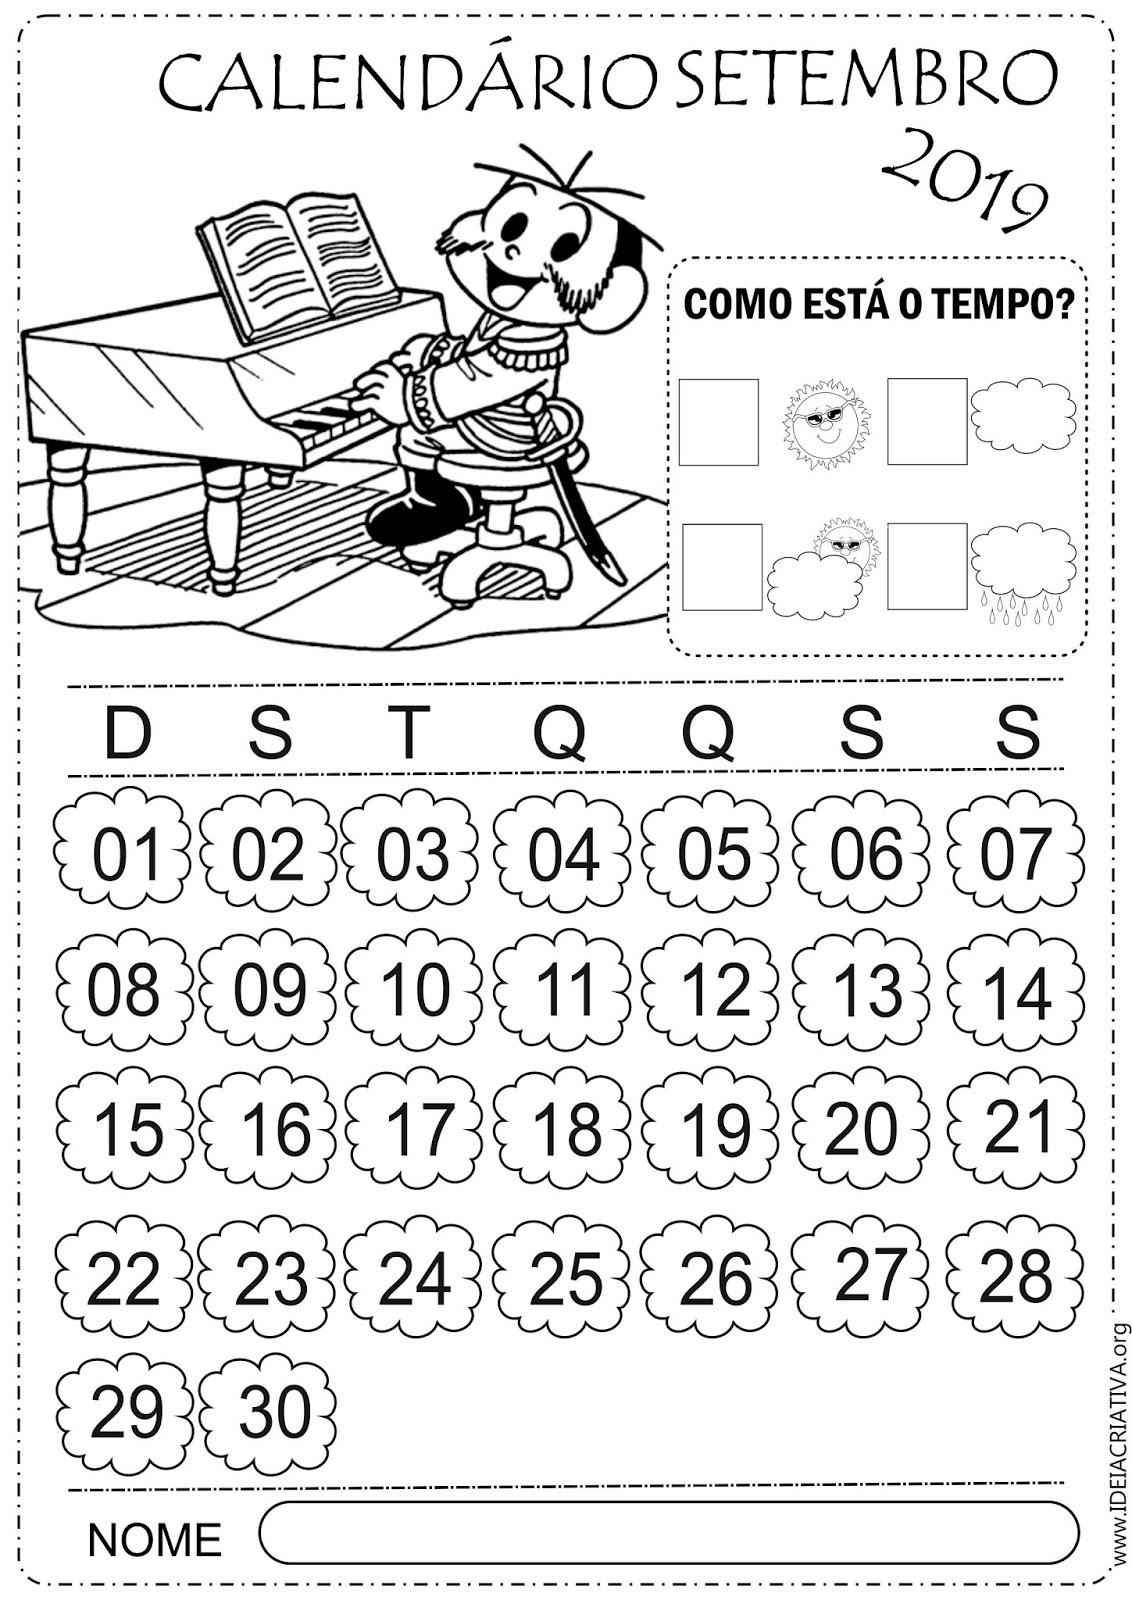 Calendario Setembro 2019 Turma Da Monica Para Imprimir E Colorir